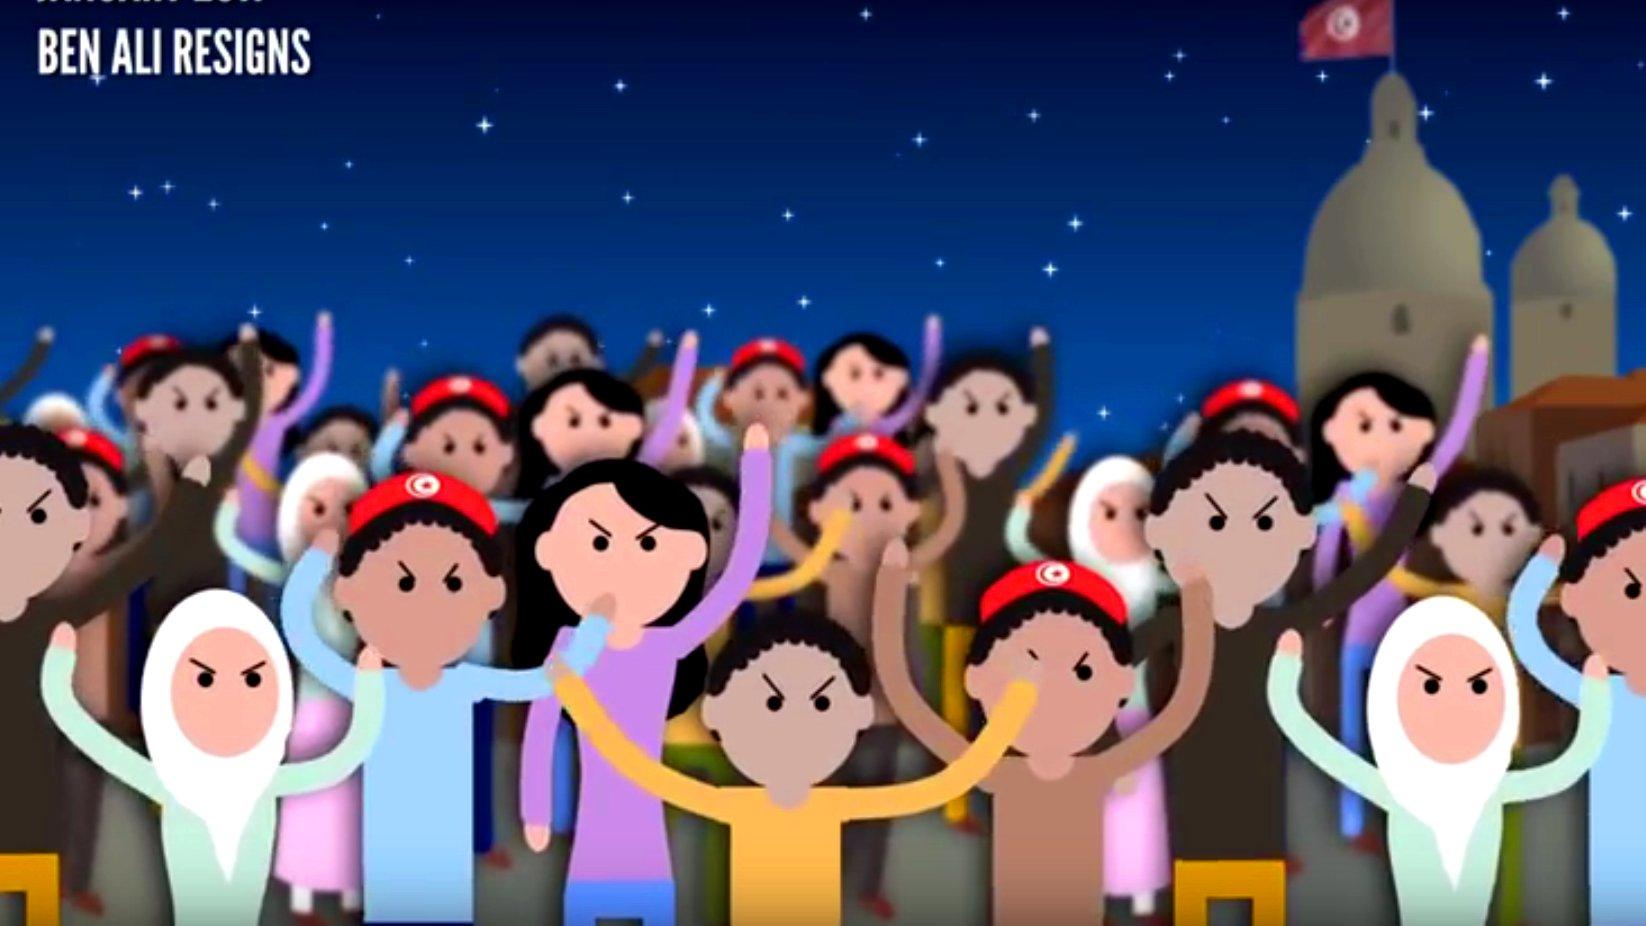 Der Arabische Frühling in zwei Minuten (Erklärvideo), 2015.